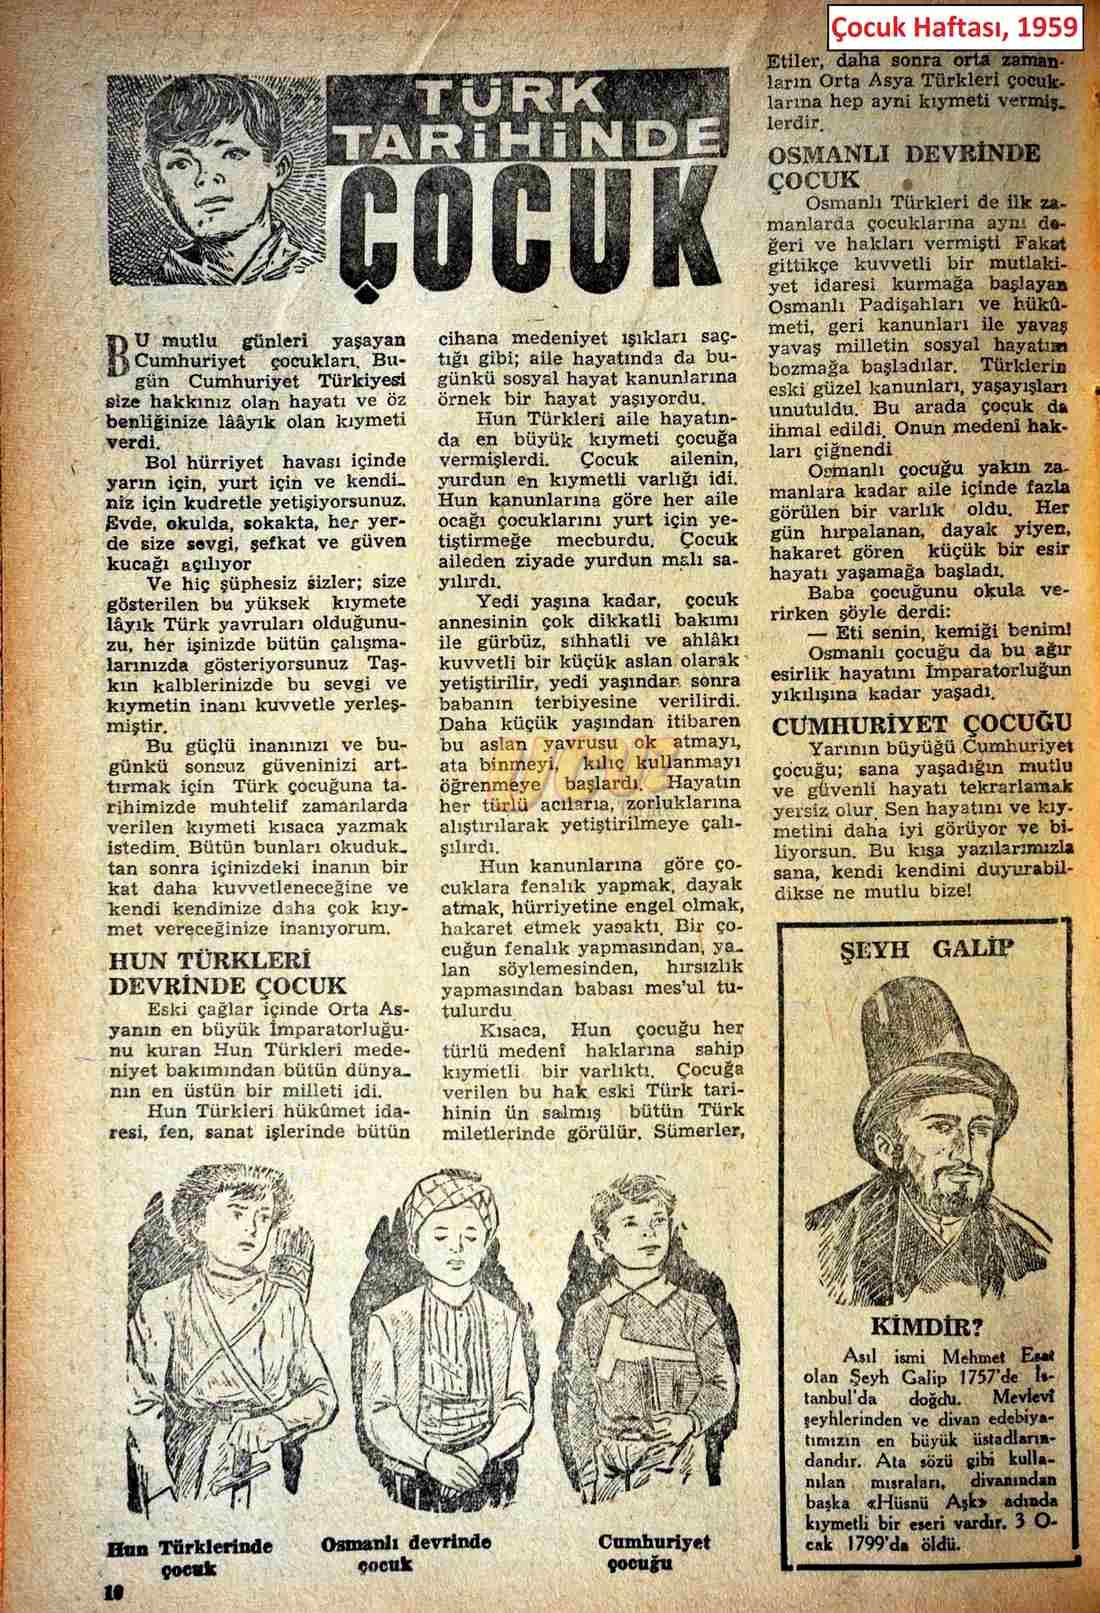 1959 çocuk haftası 3